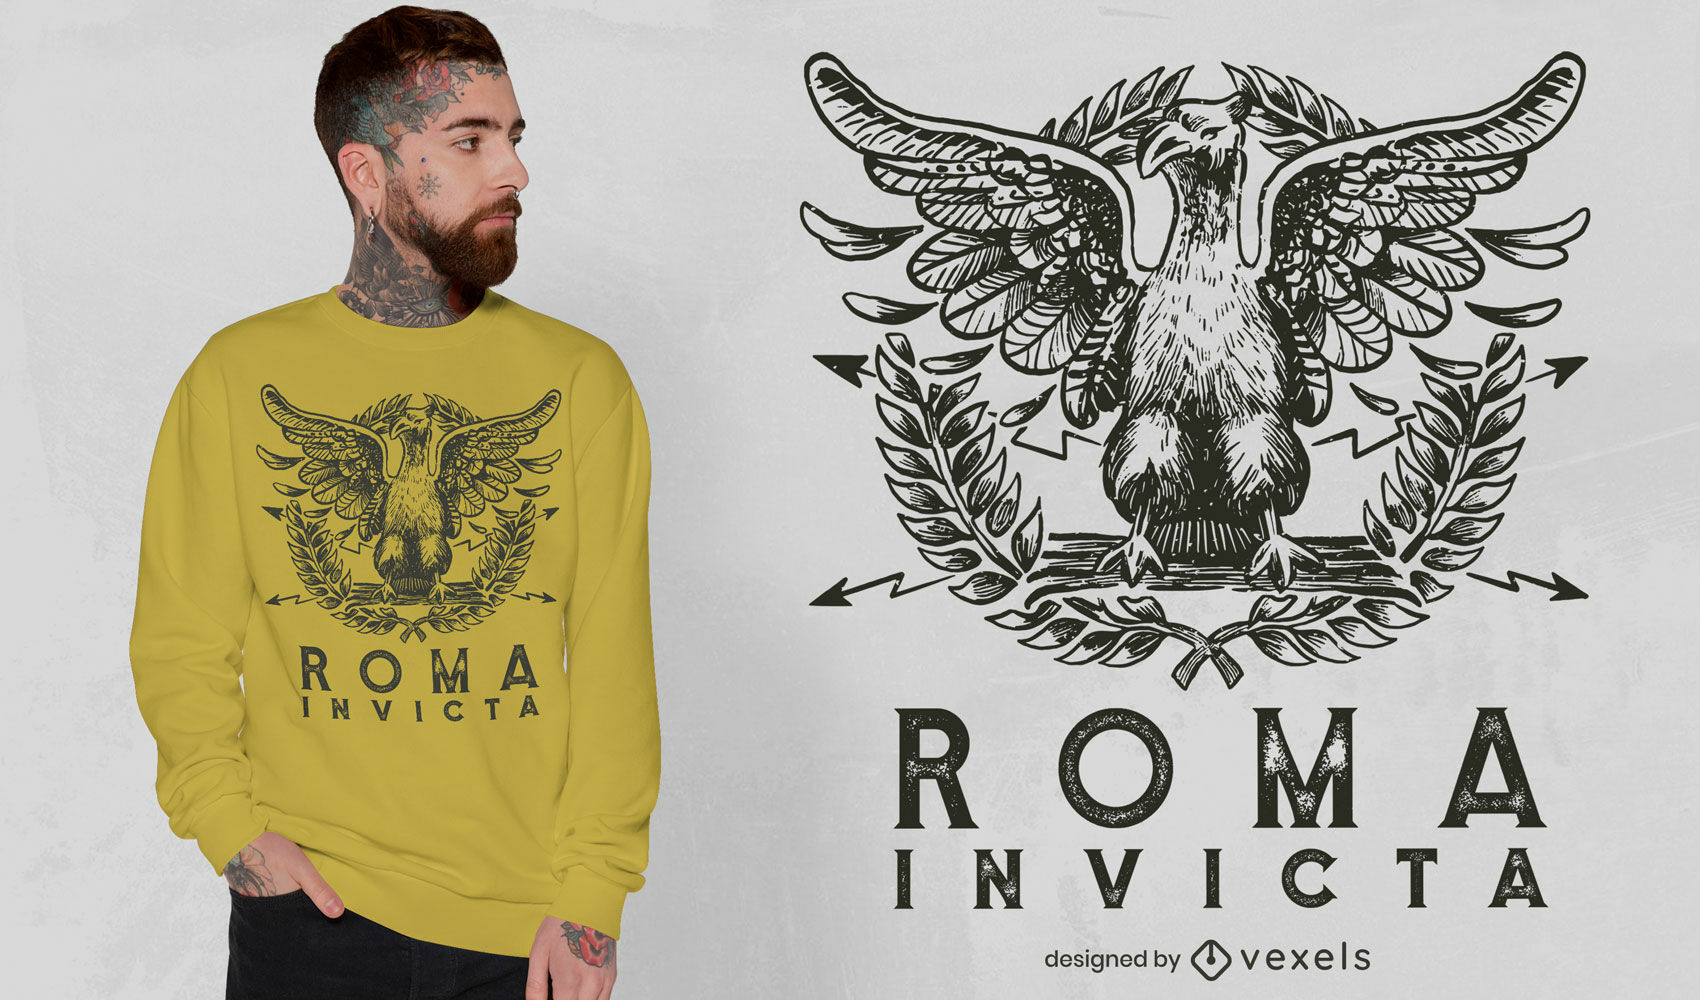 Roma invicta t-shirt design